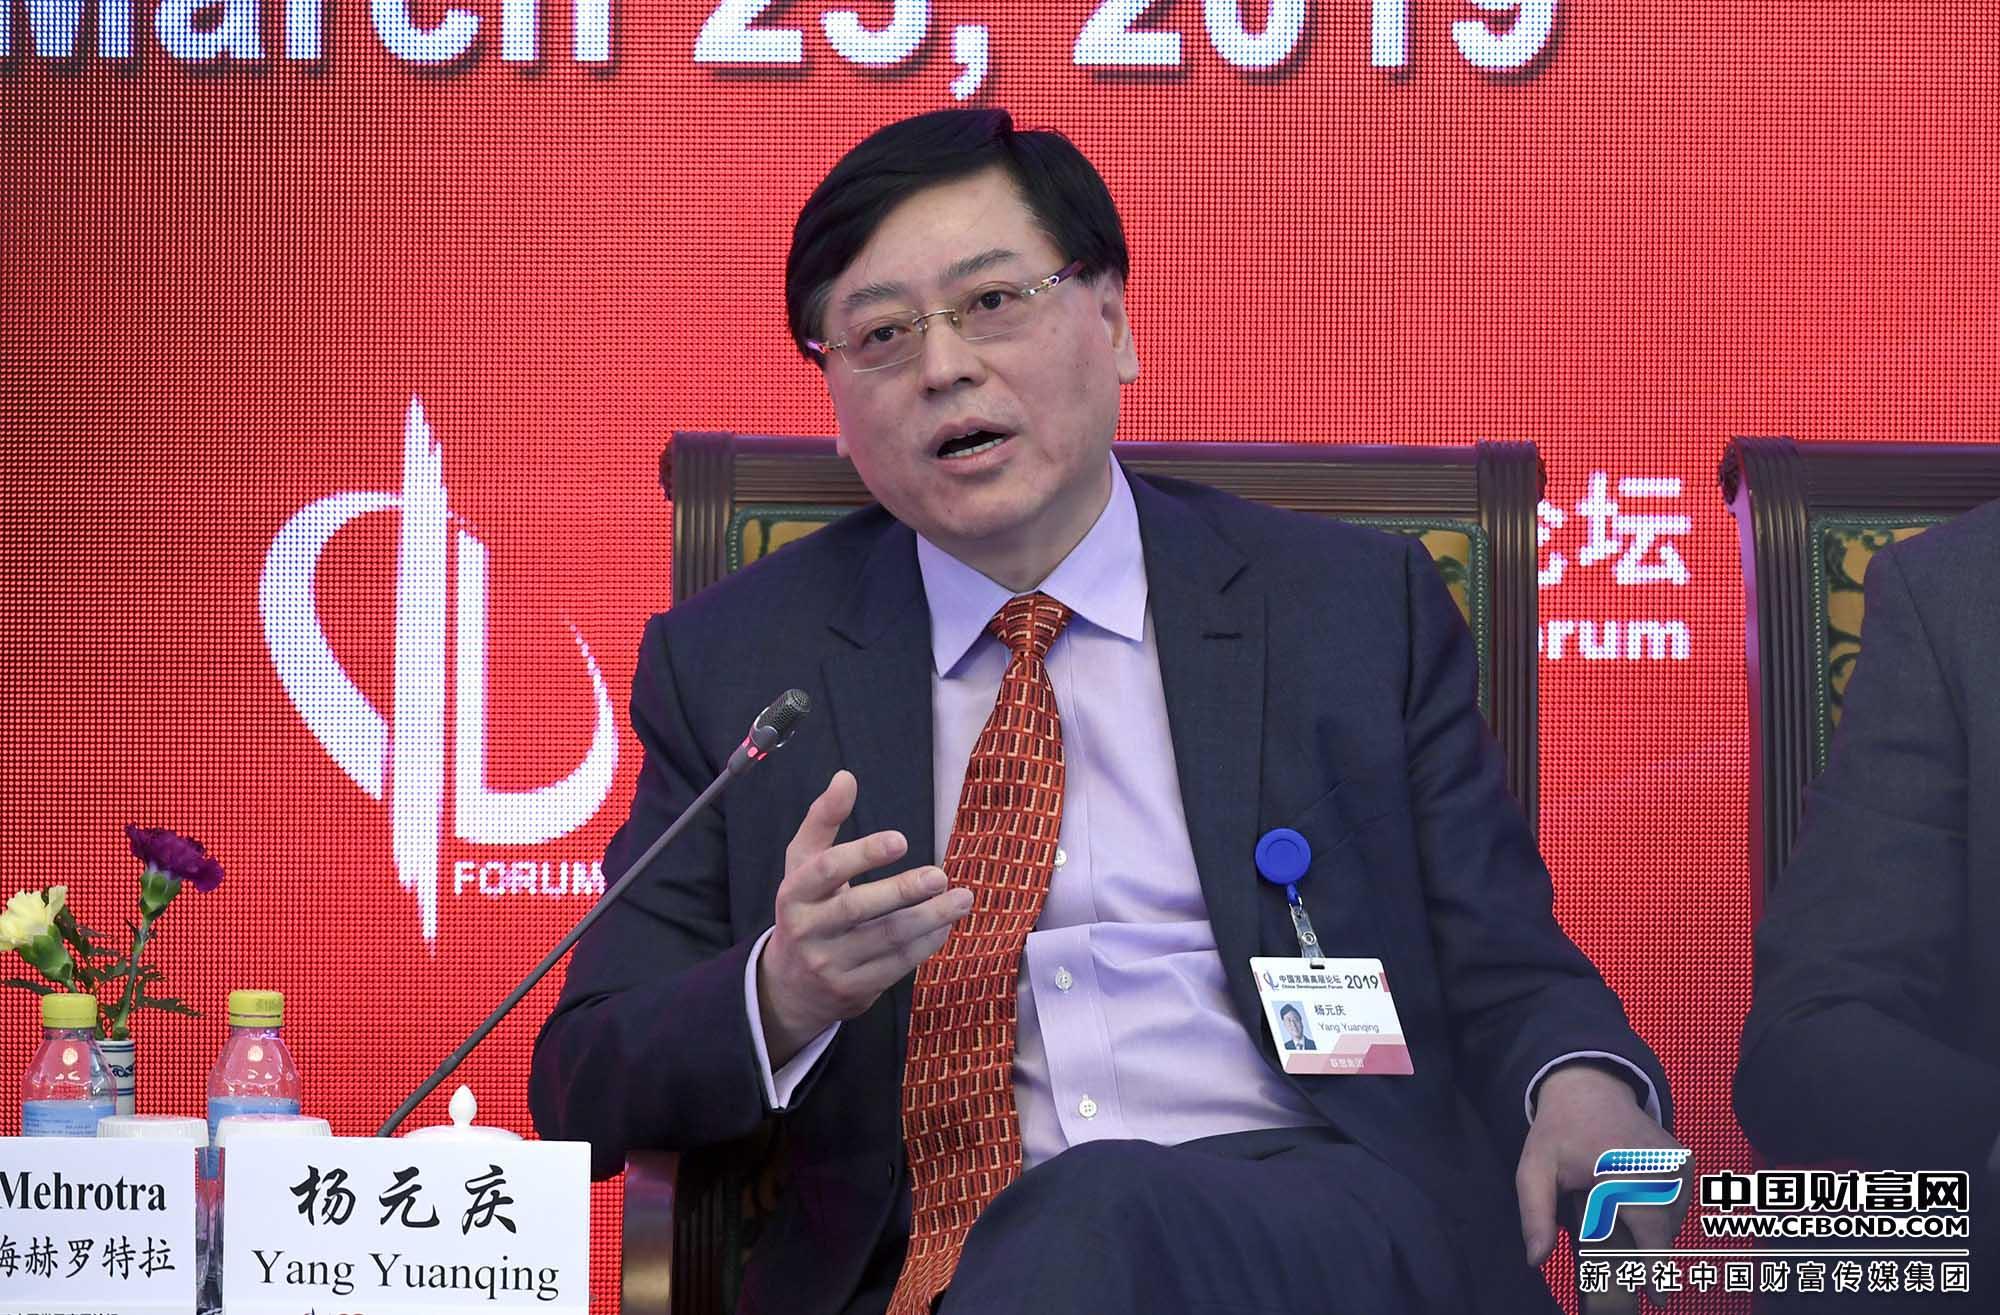 杨元庆:制造业会因5G插上翅膀 智能教育也将广泛受益